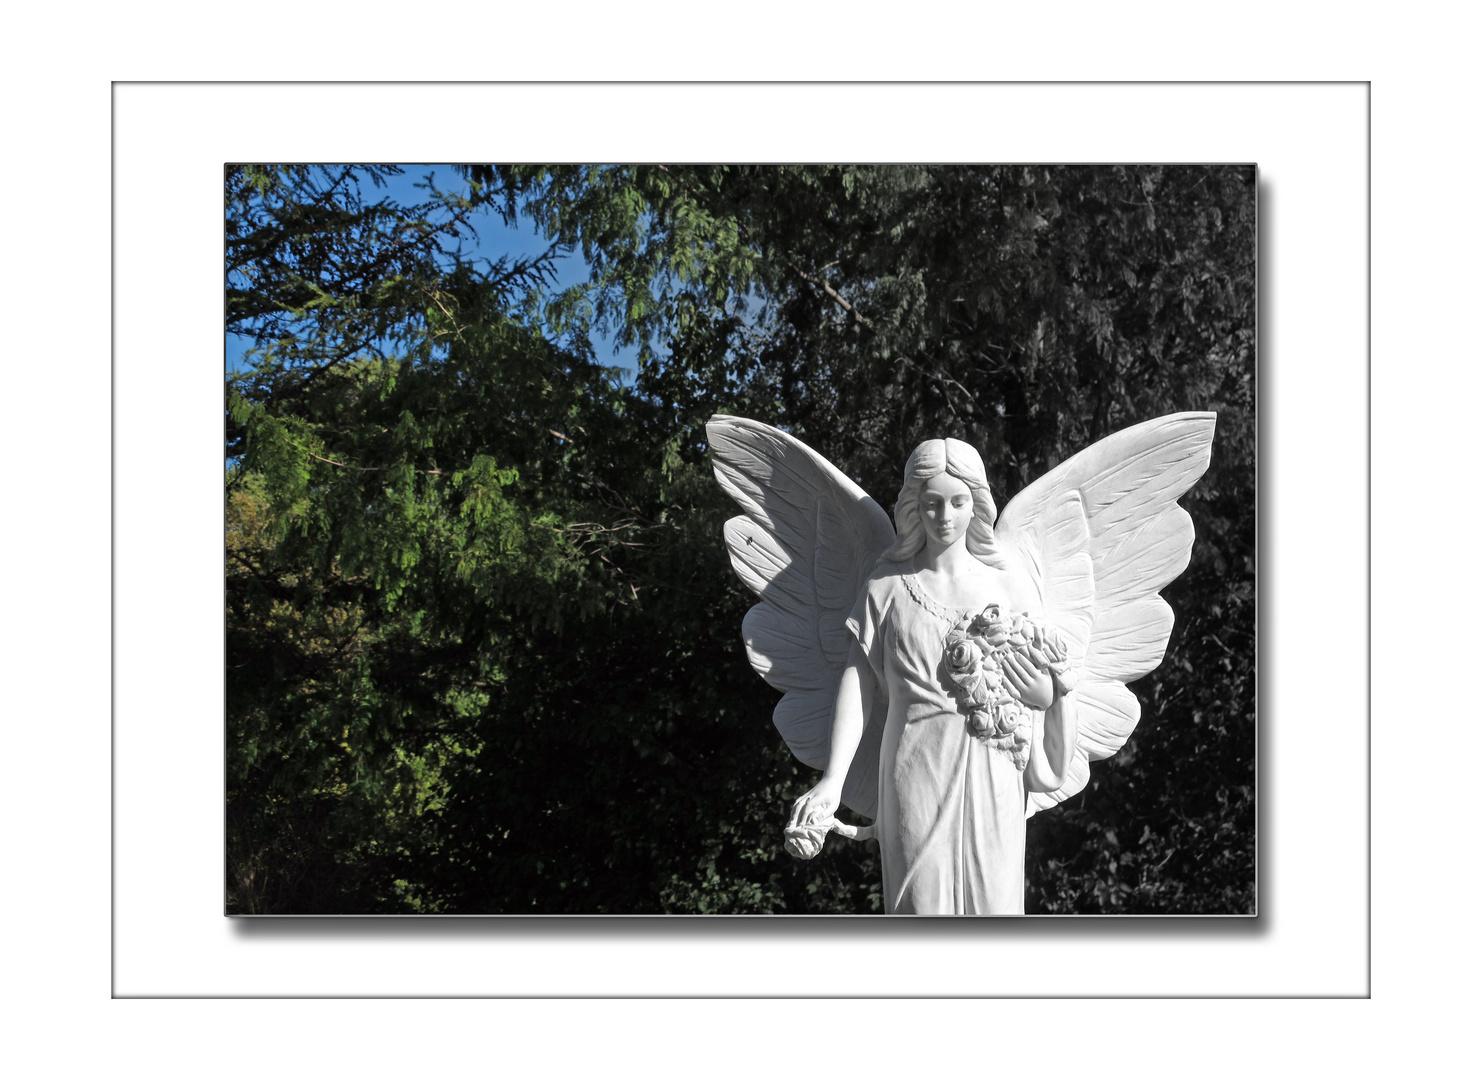 Jeder Mensch hat einen Engel.